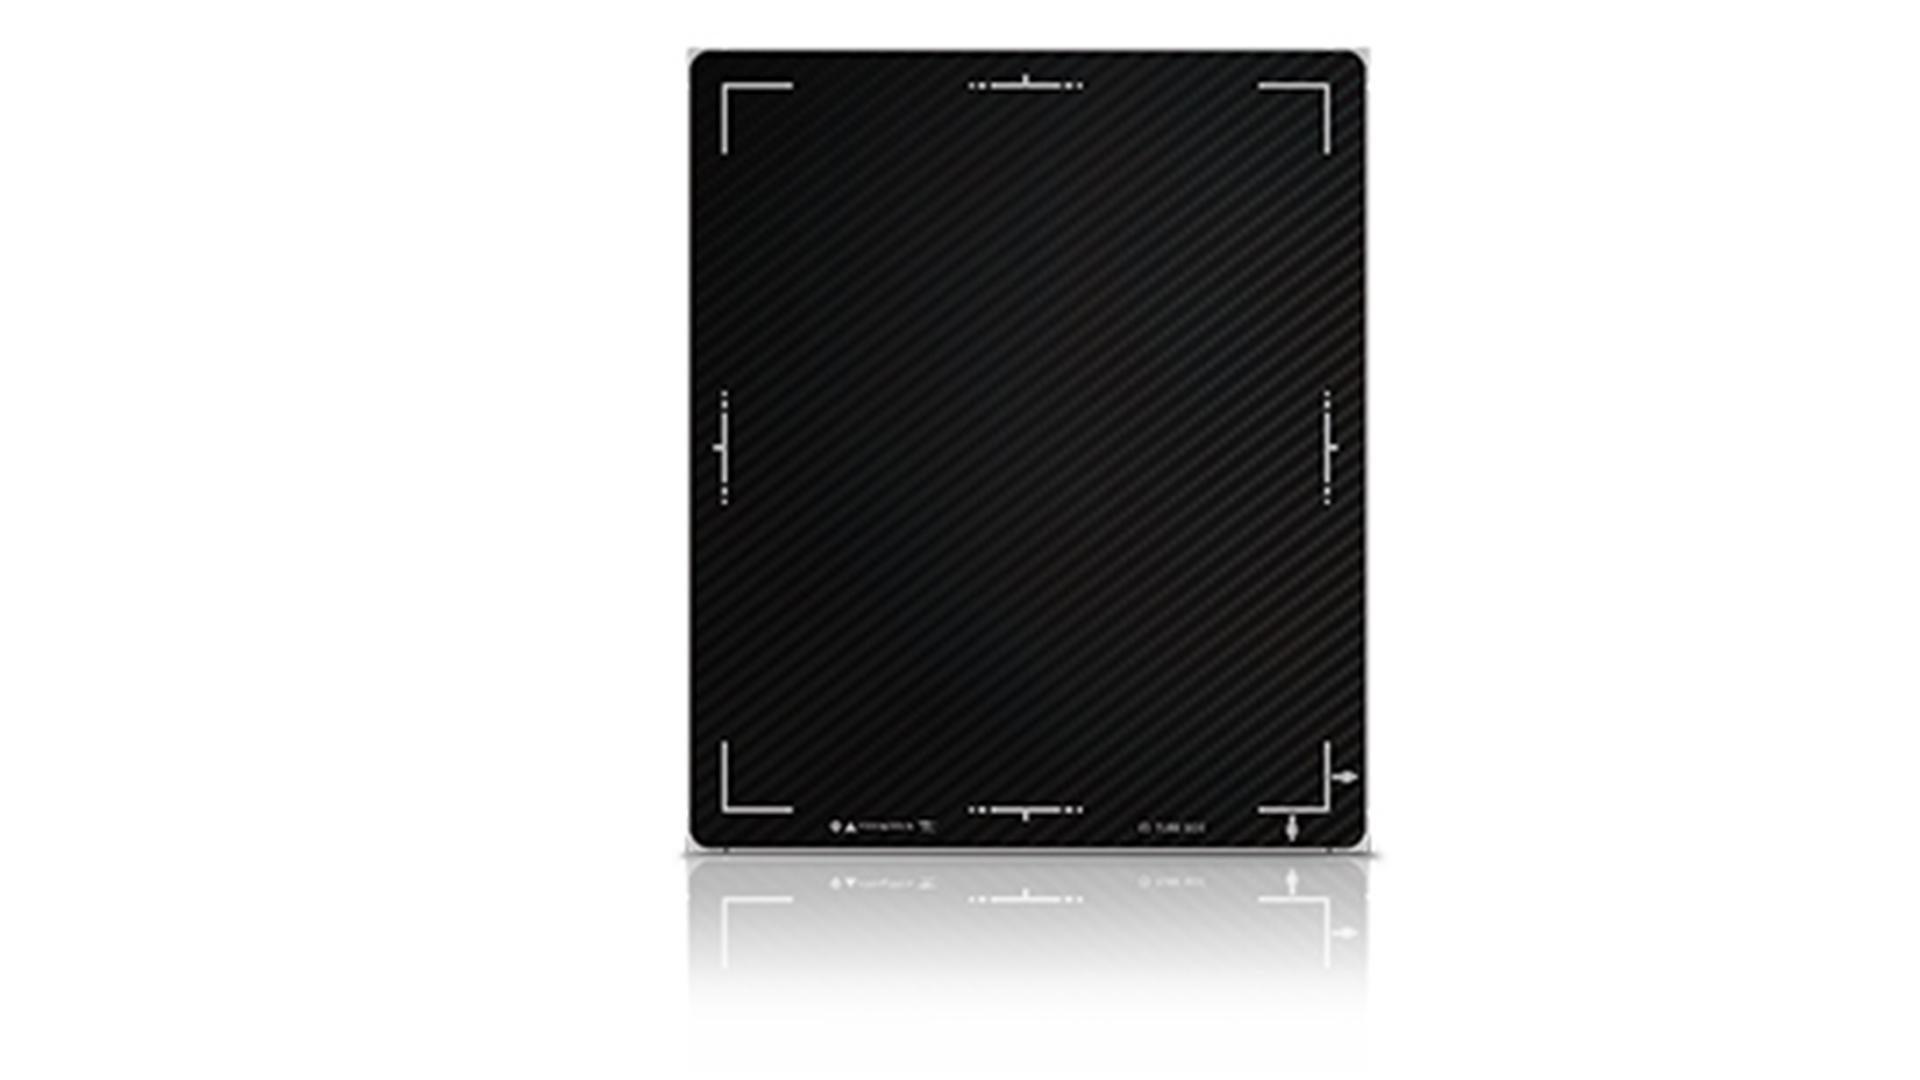 Röntgentechnik Detektoren: Carestream DRX Plus